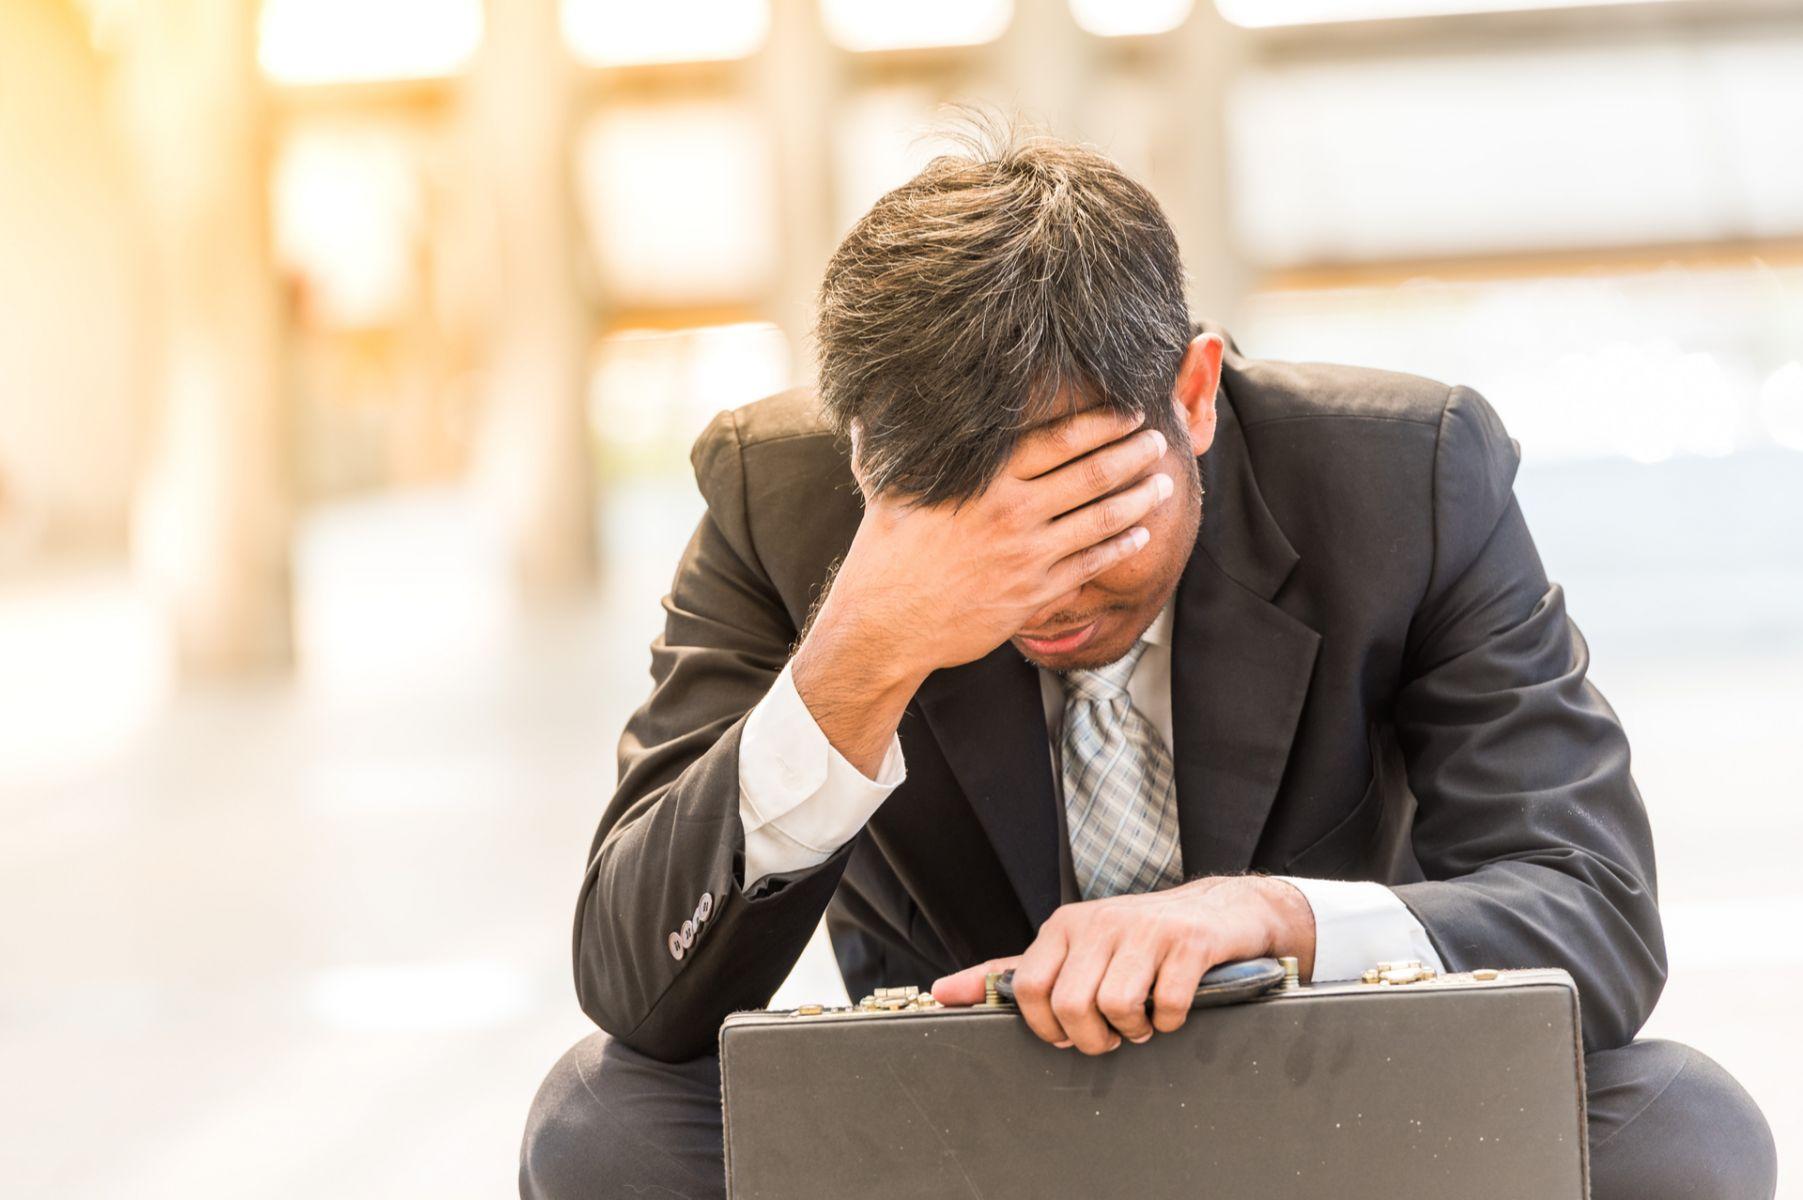 熟男睪固酮數值溜滑梯,陷健康危機!三招克服男性更年期